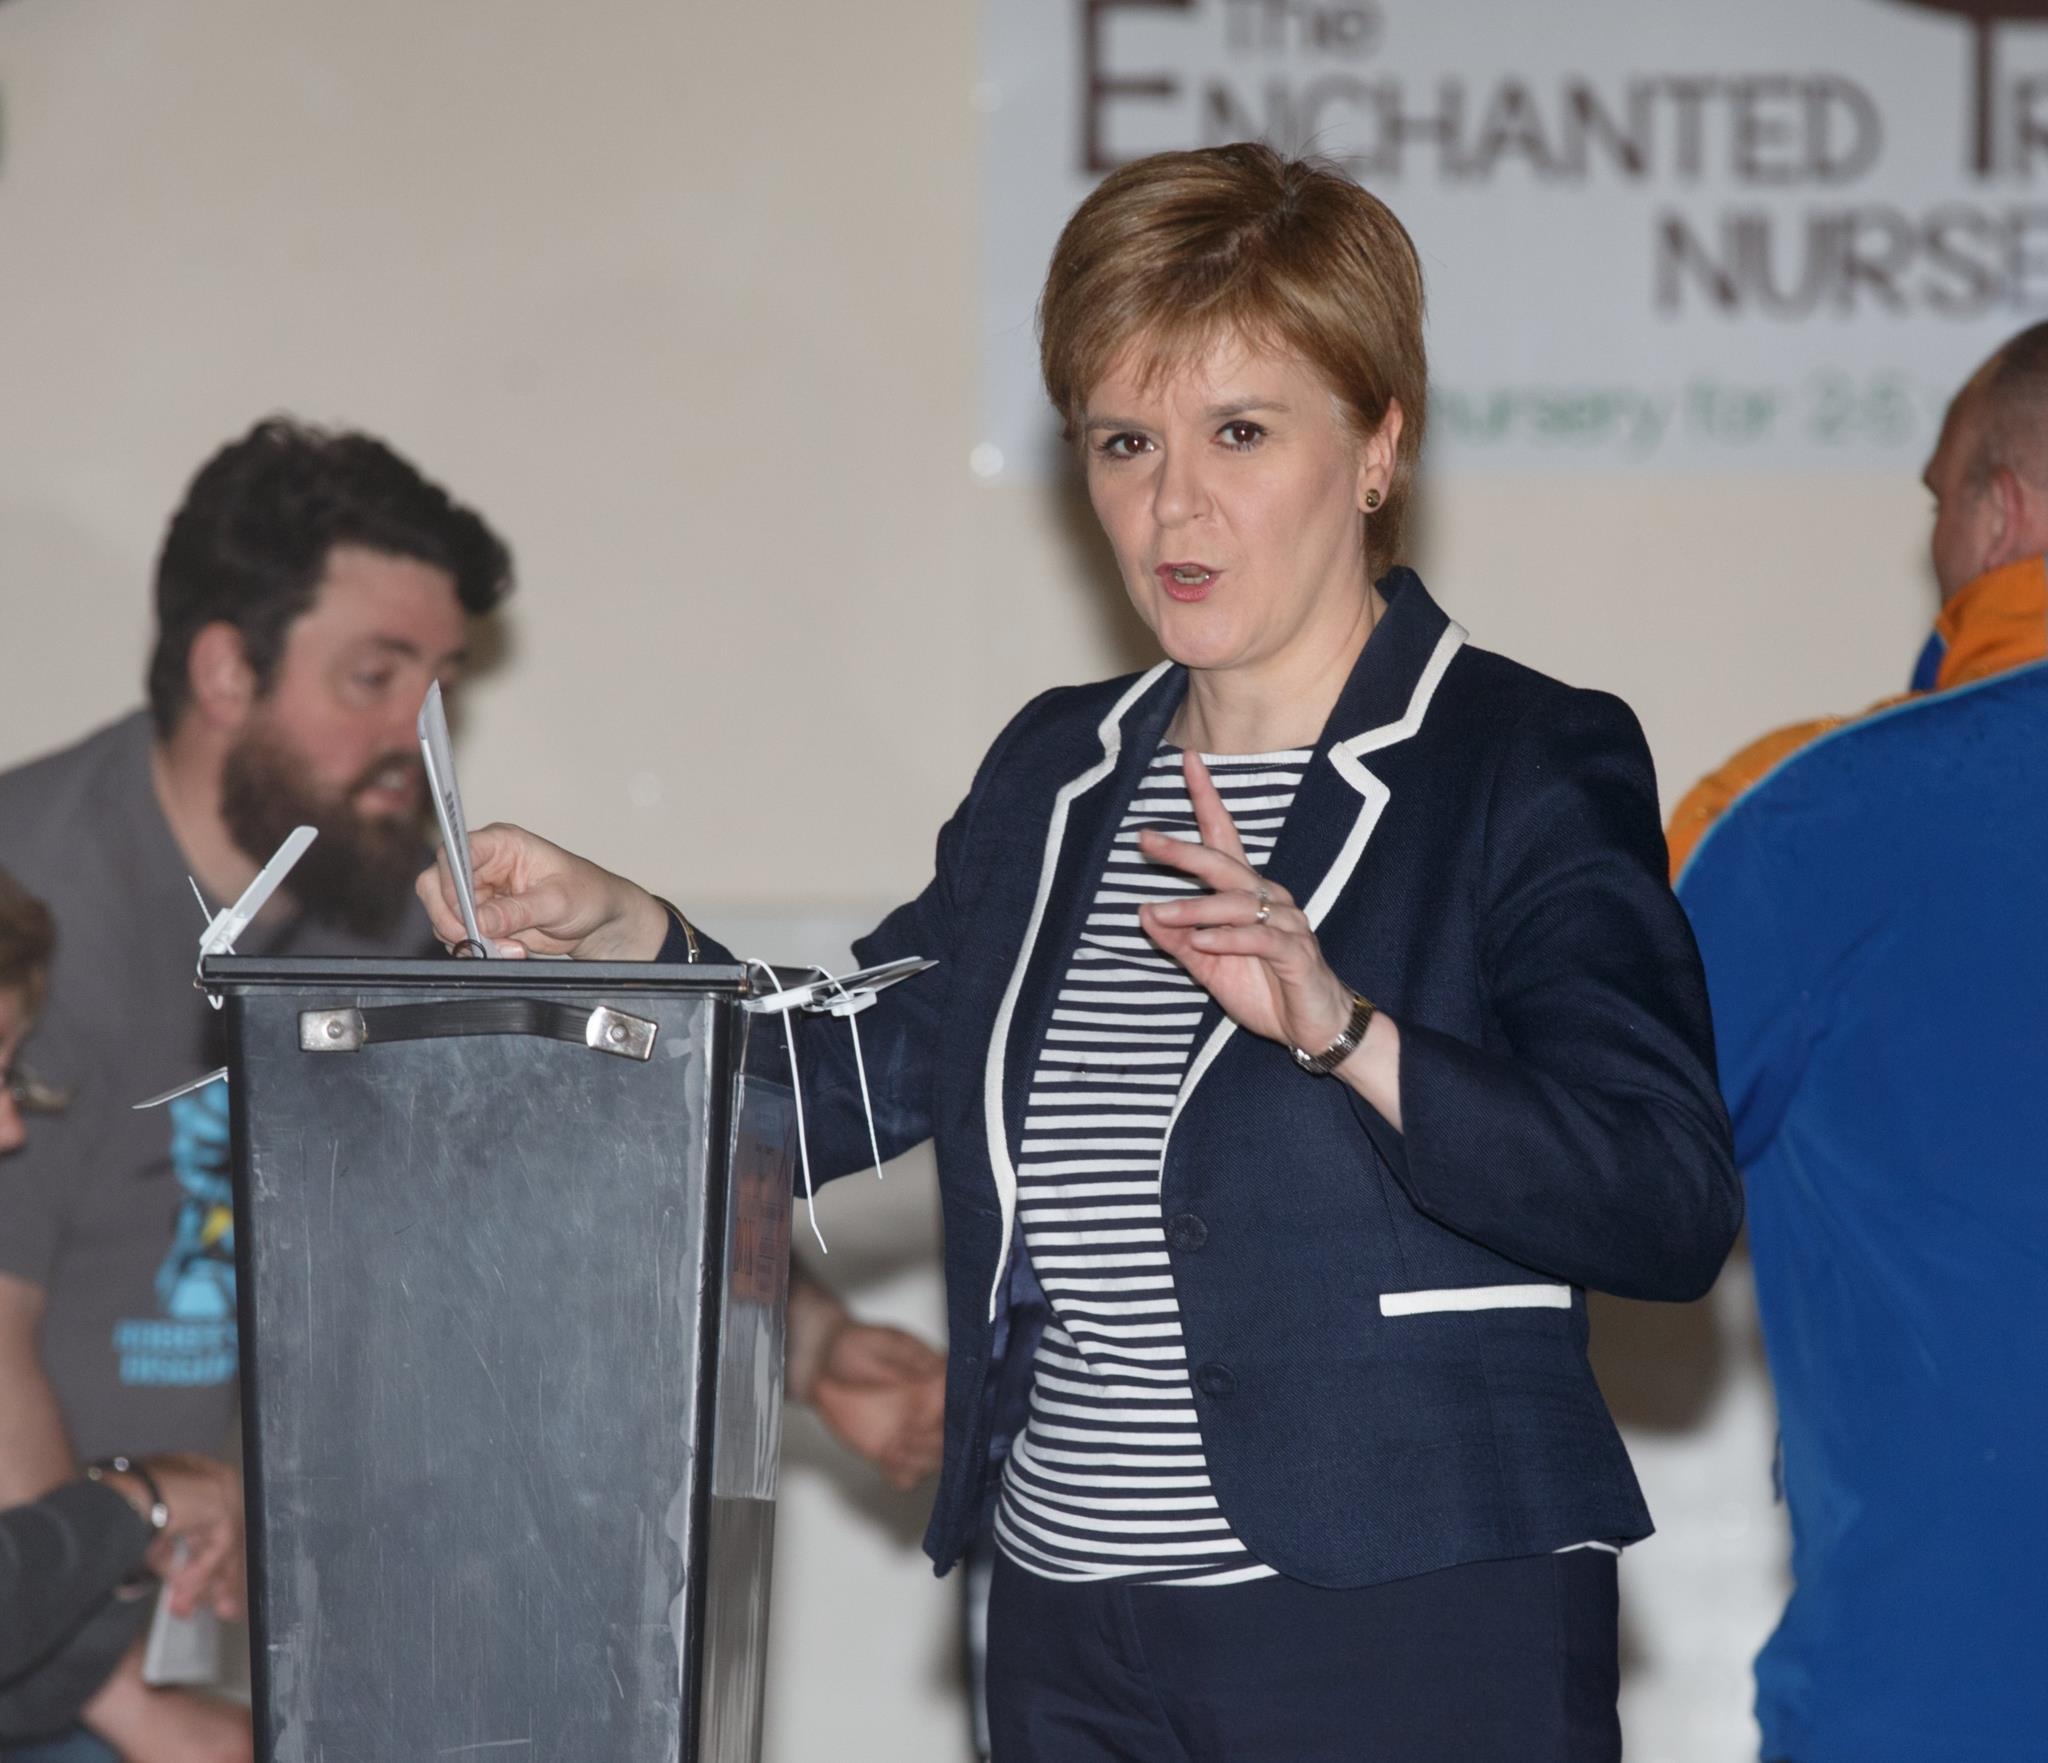 A líder escocesa, Nicola Sturgeon, posa para a fotografia no momento em que deposita o voto na urna